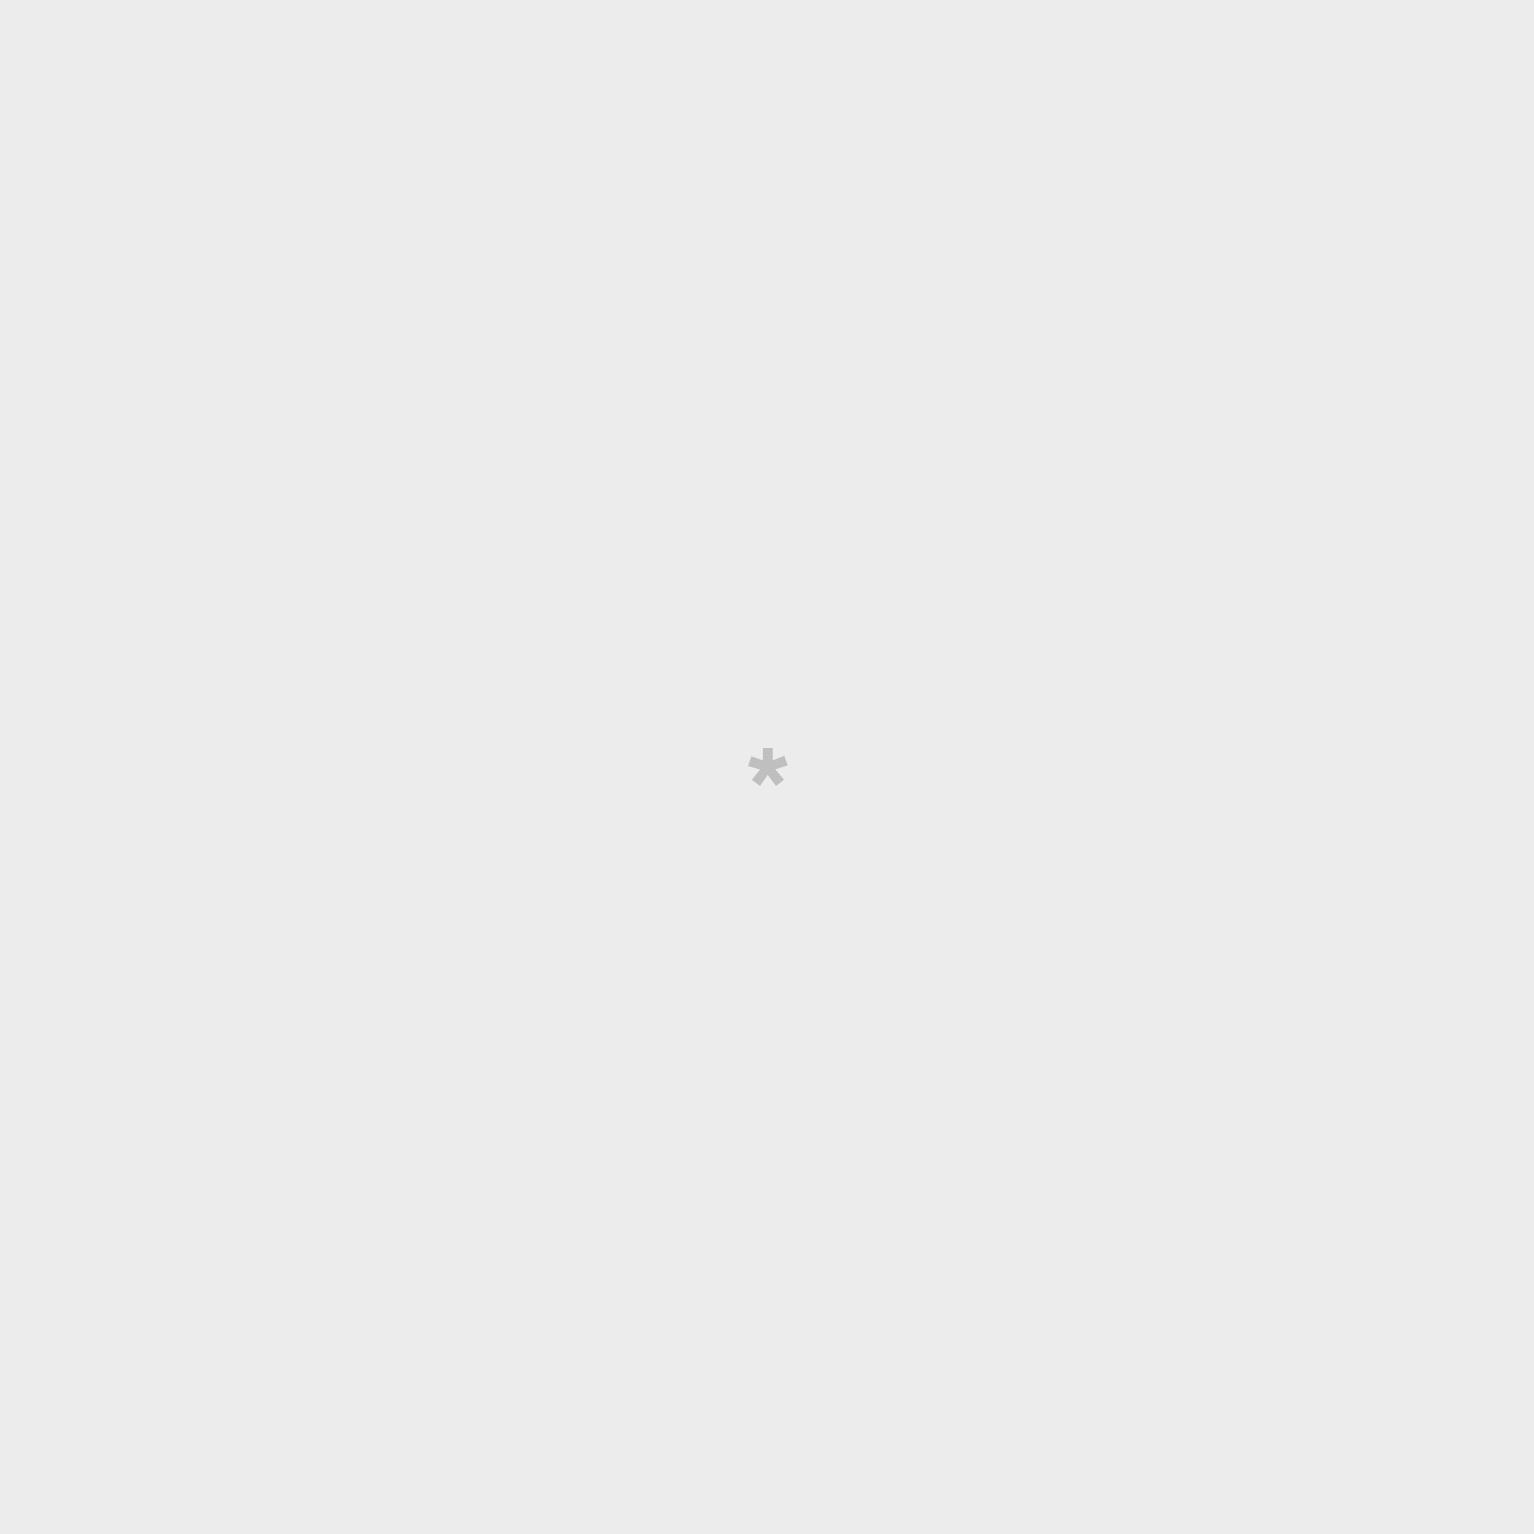 Occhiali da sole Trendy esagonali in metallo - Celeste + argento